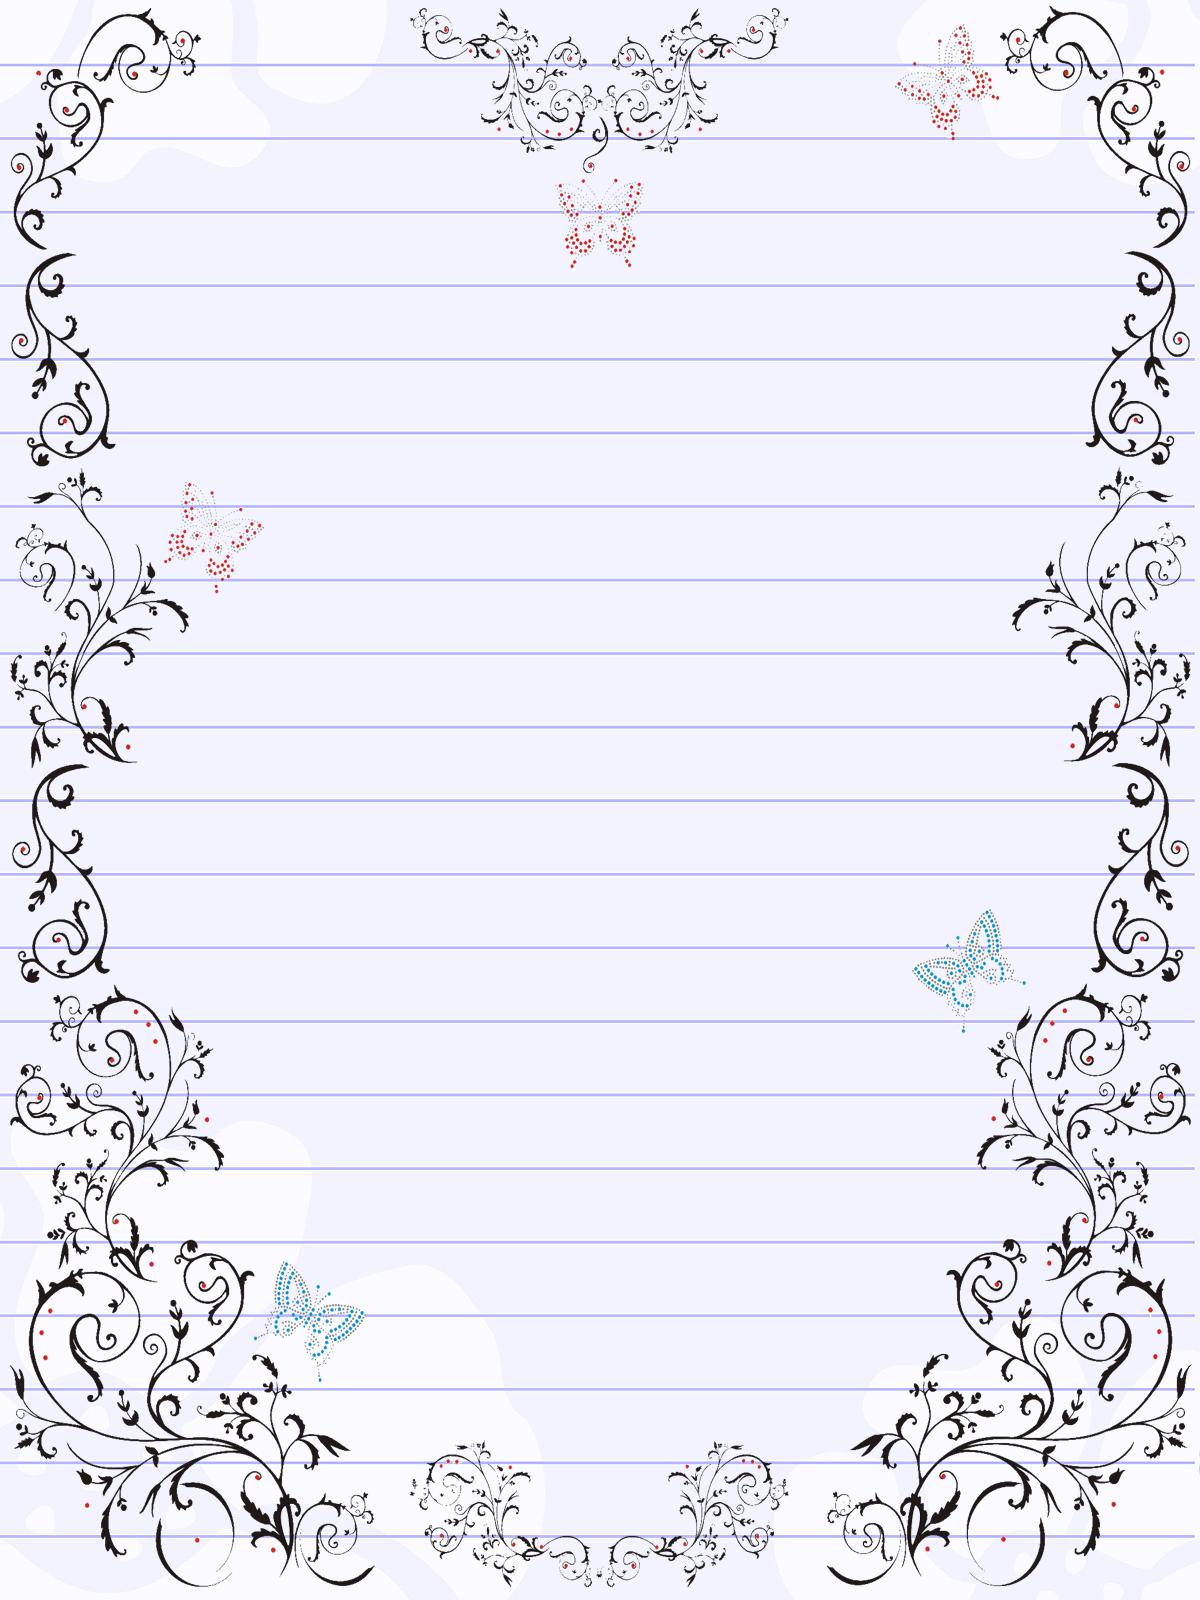 Papel de carta | Quero Imagem